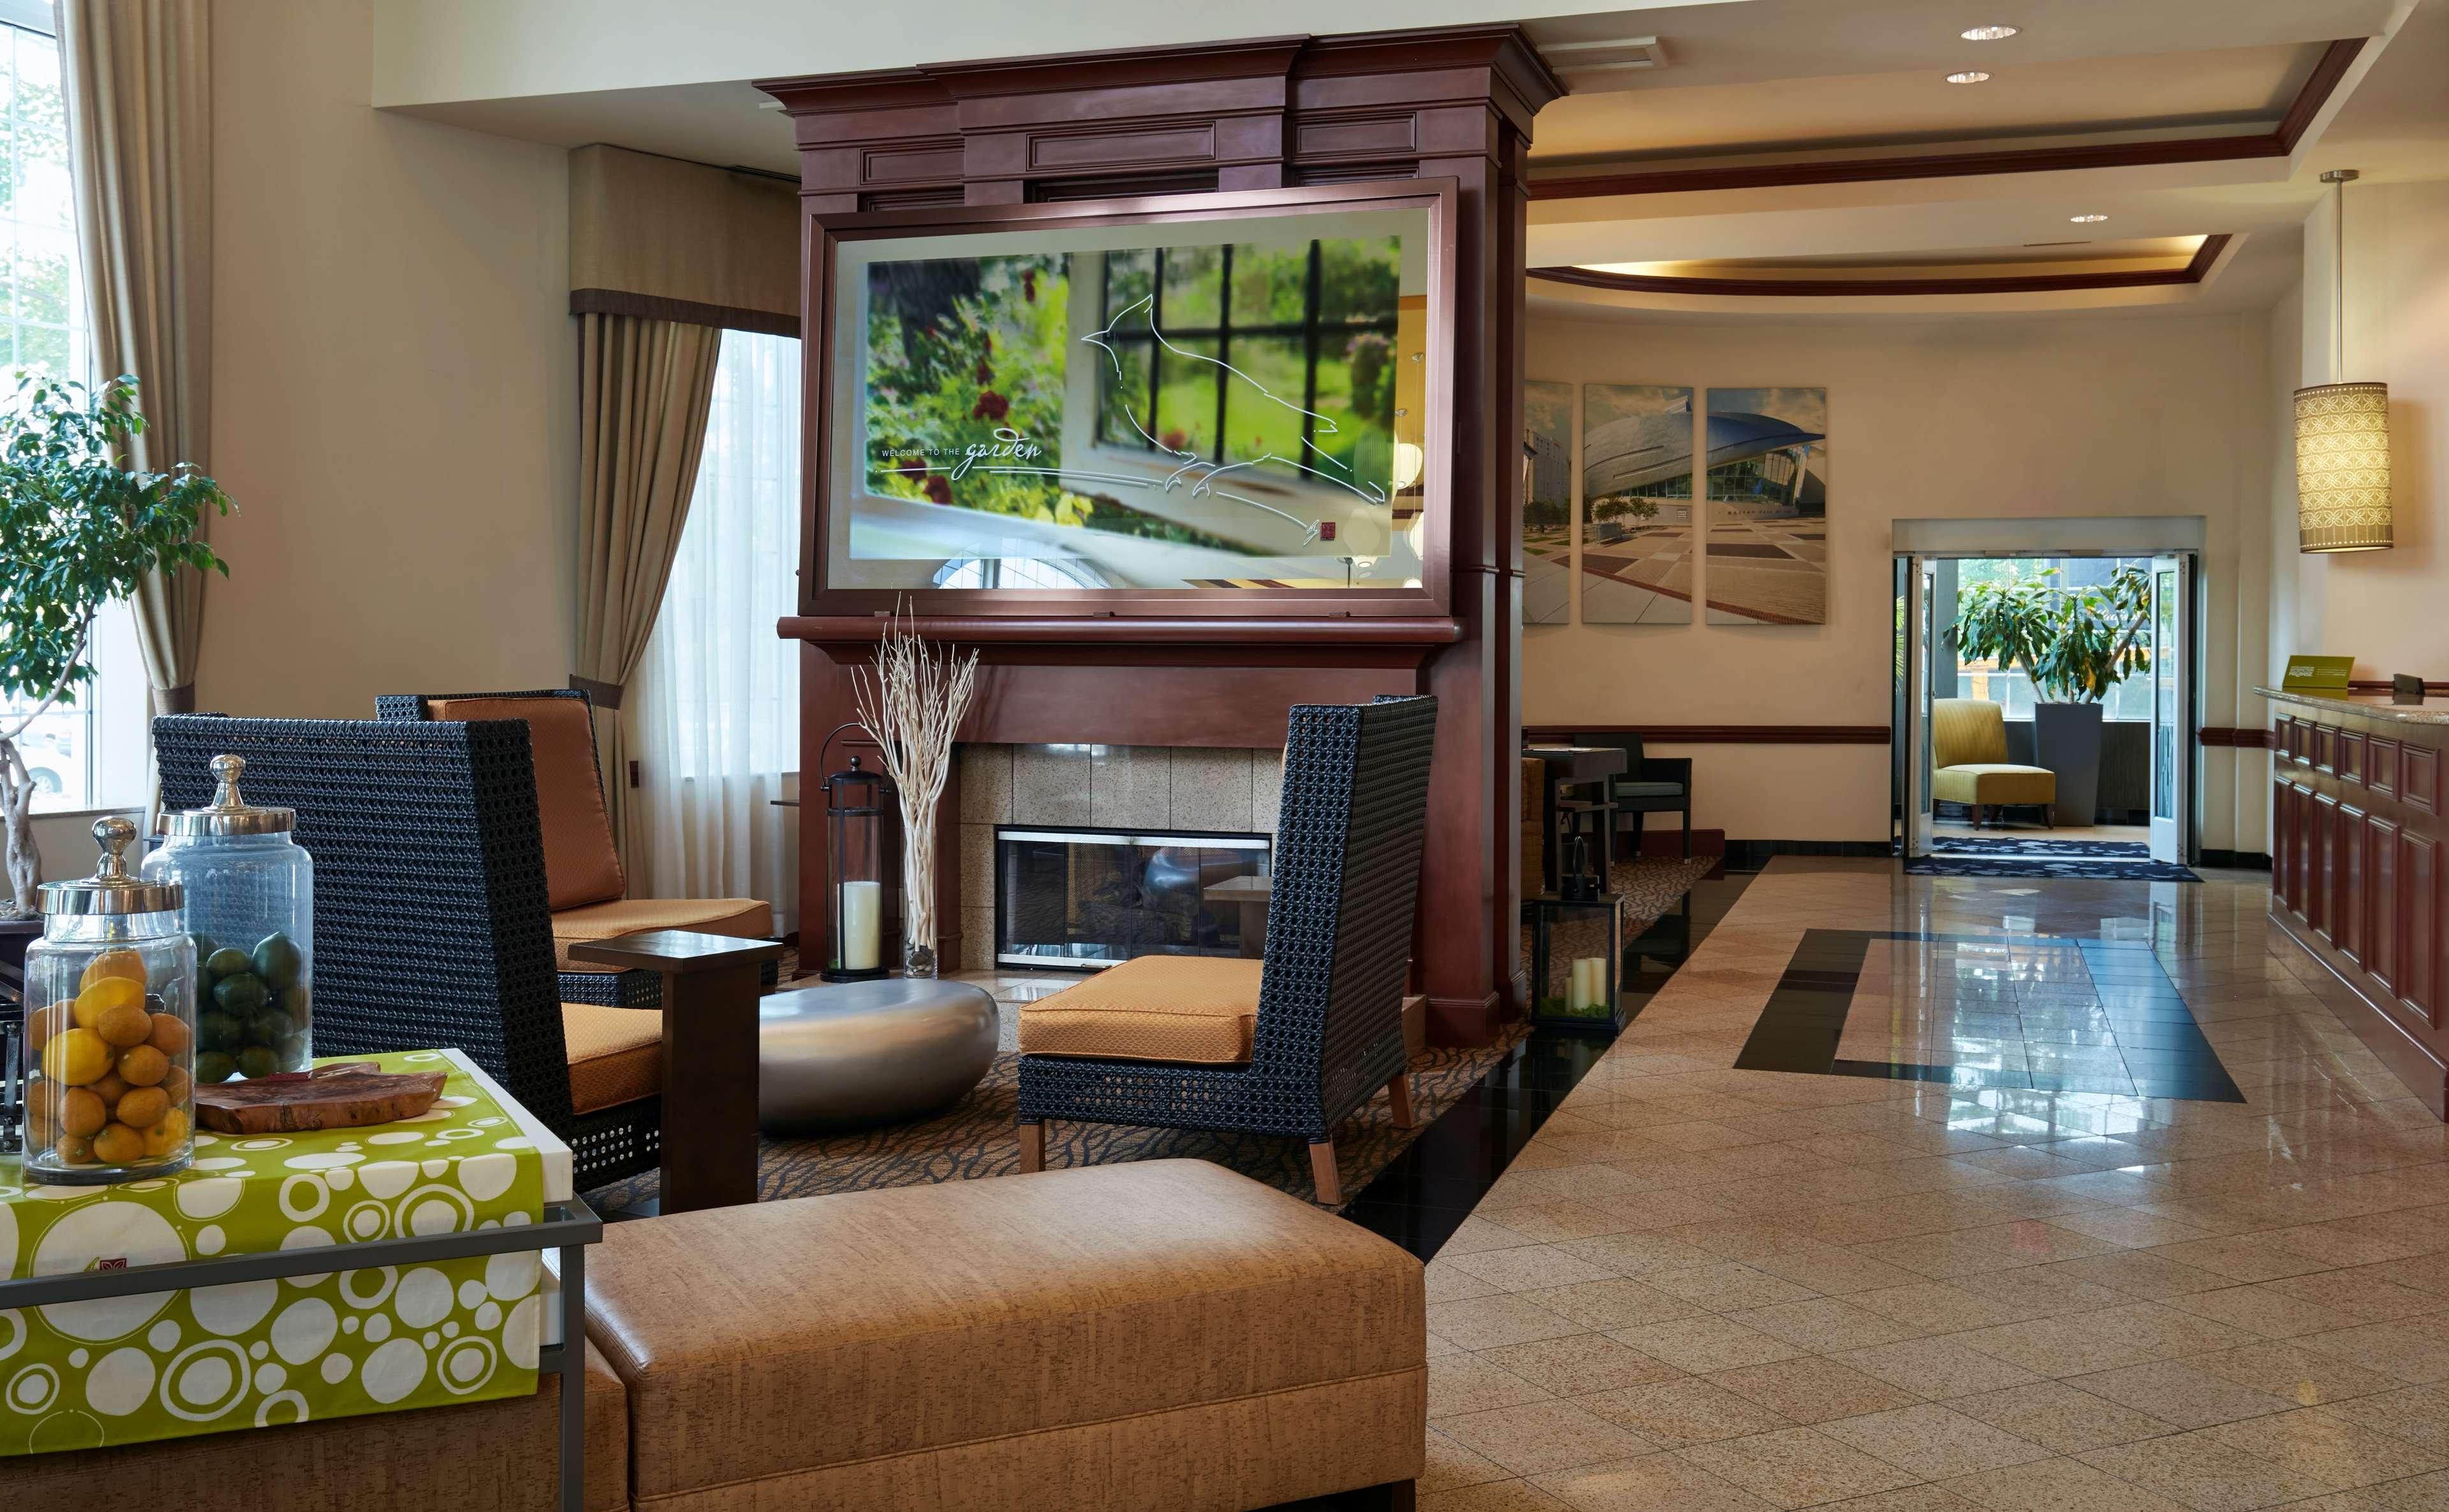 Hilton Garden Inn Charlotte Uptown image 4